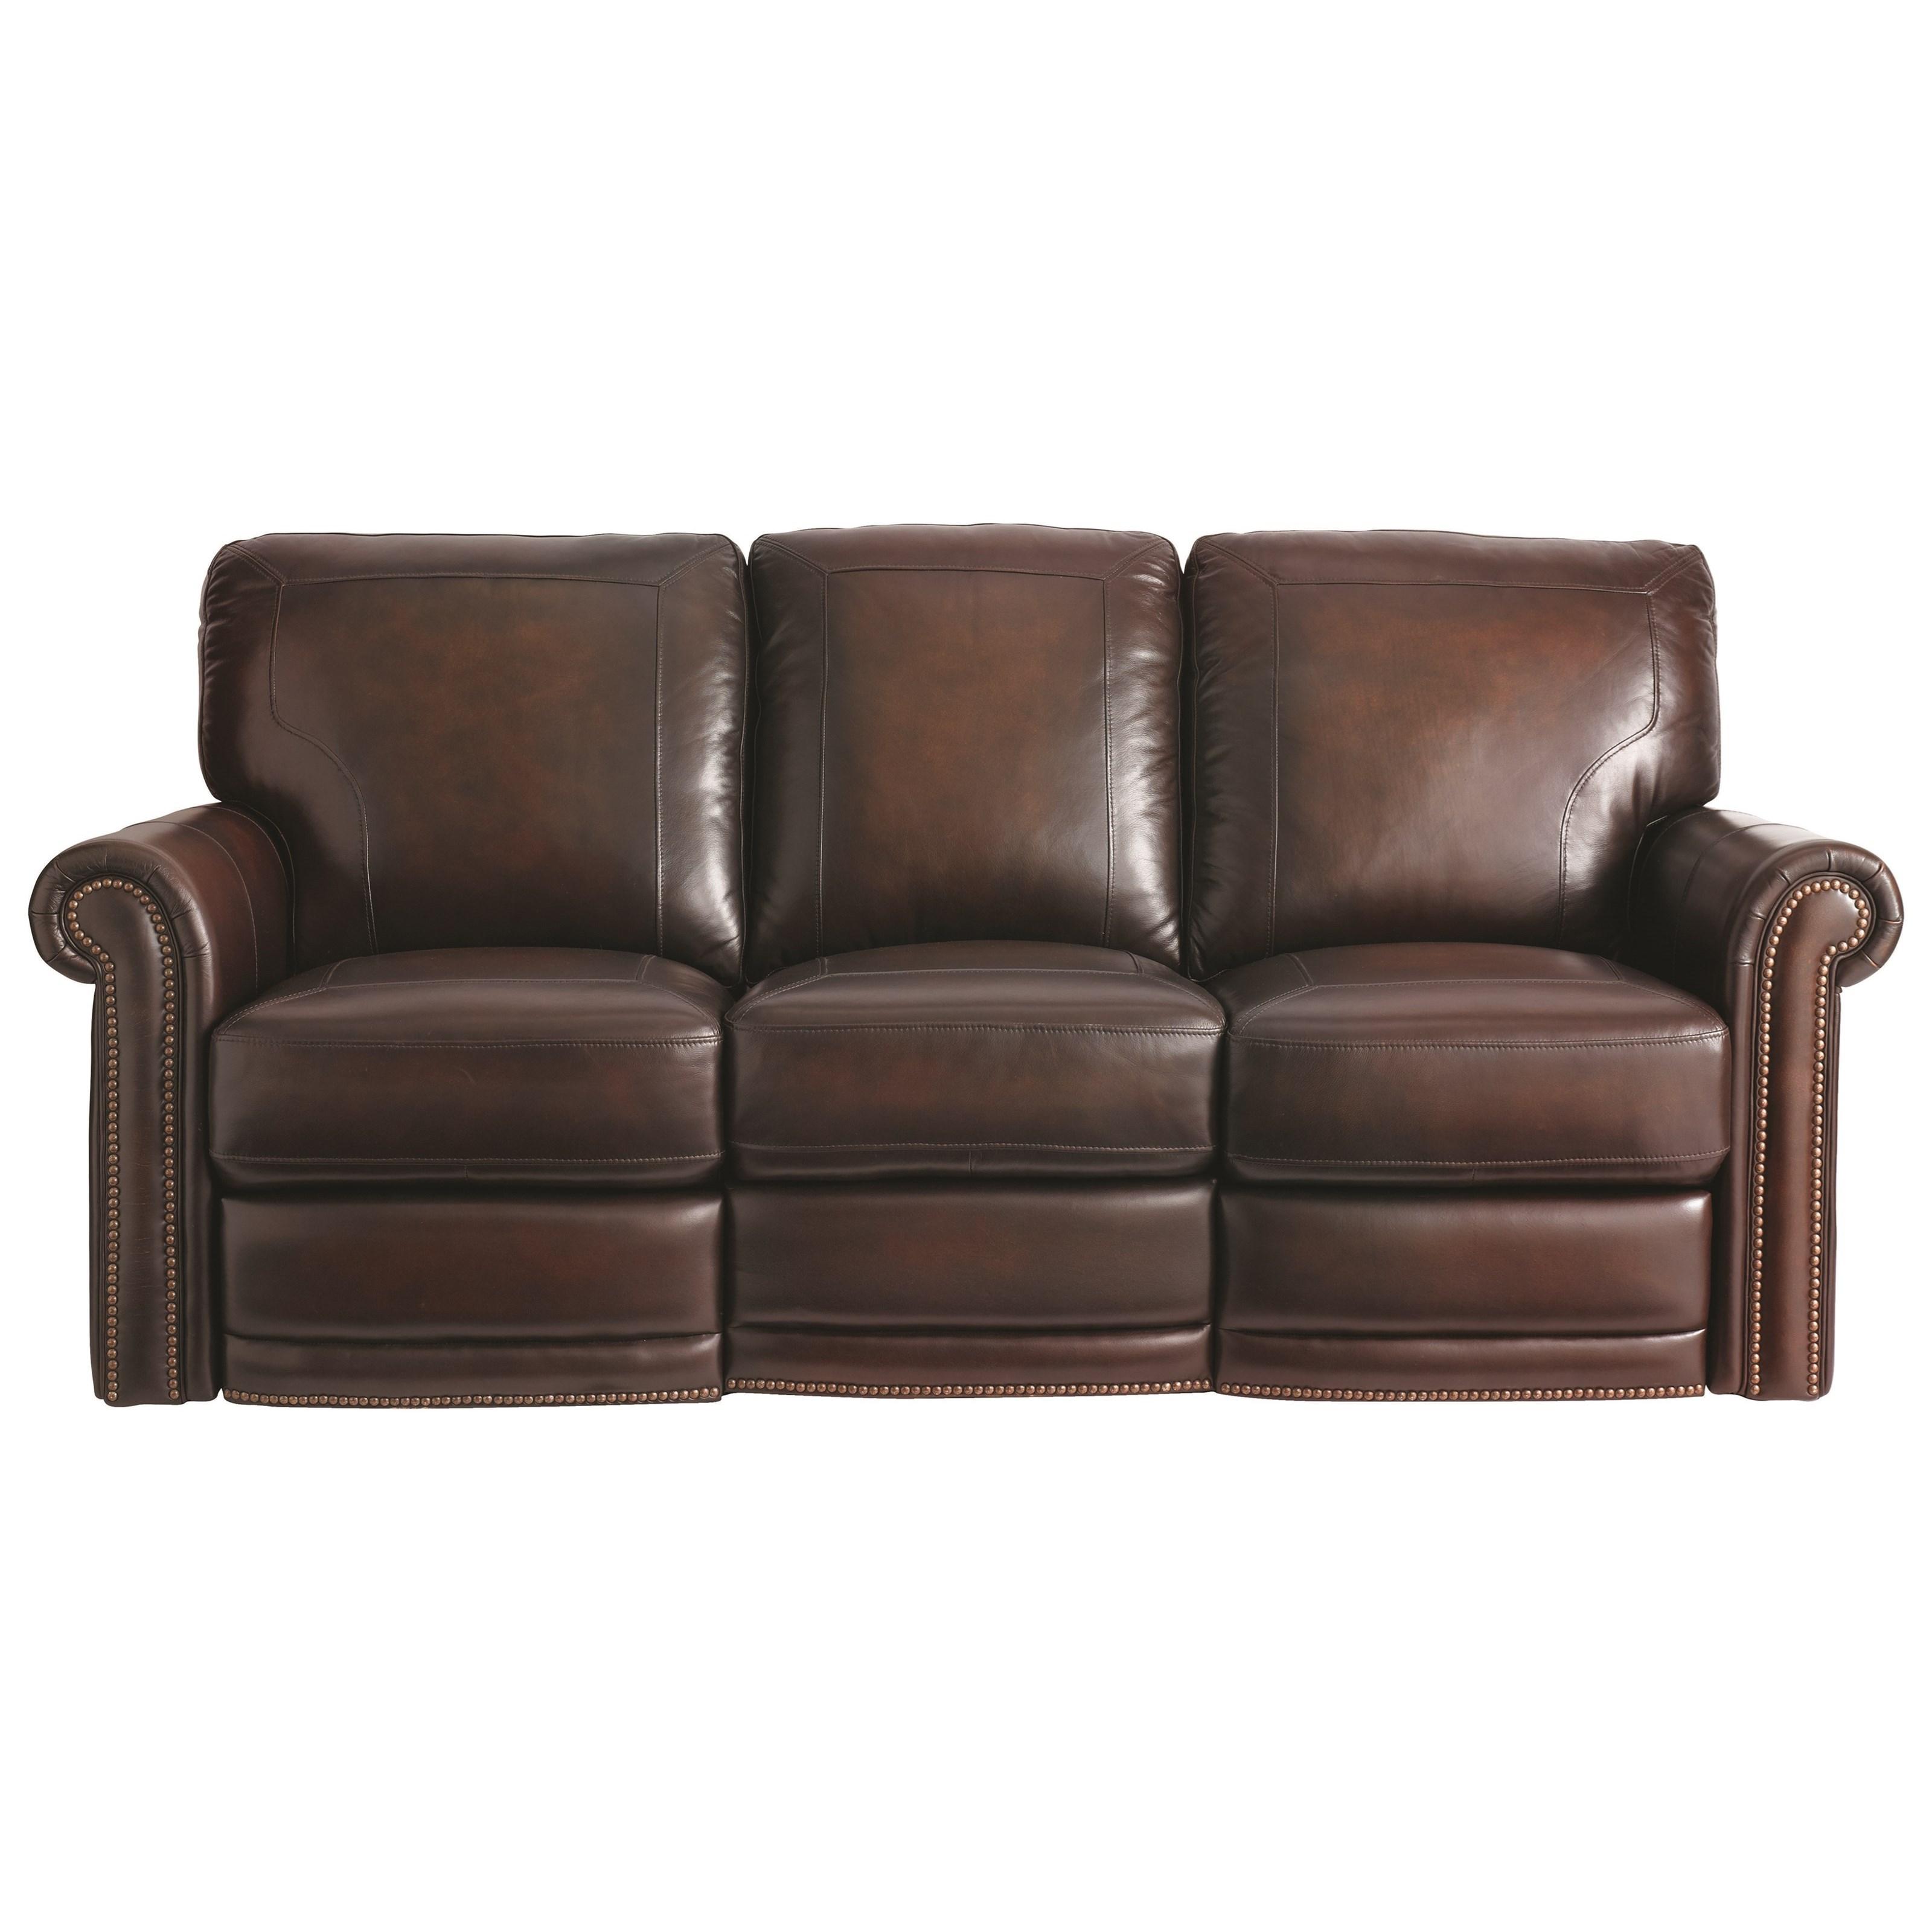 Bassett reclining sectional sofabassett custom furniture for Small sectional sofa bassett